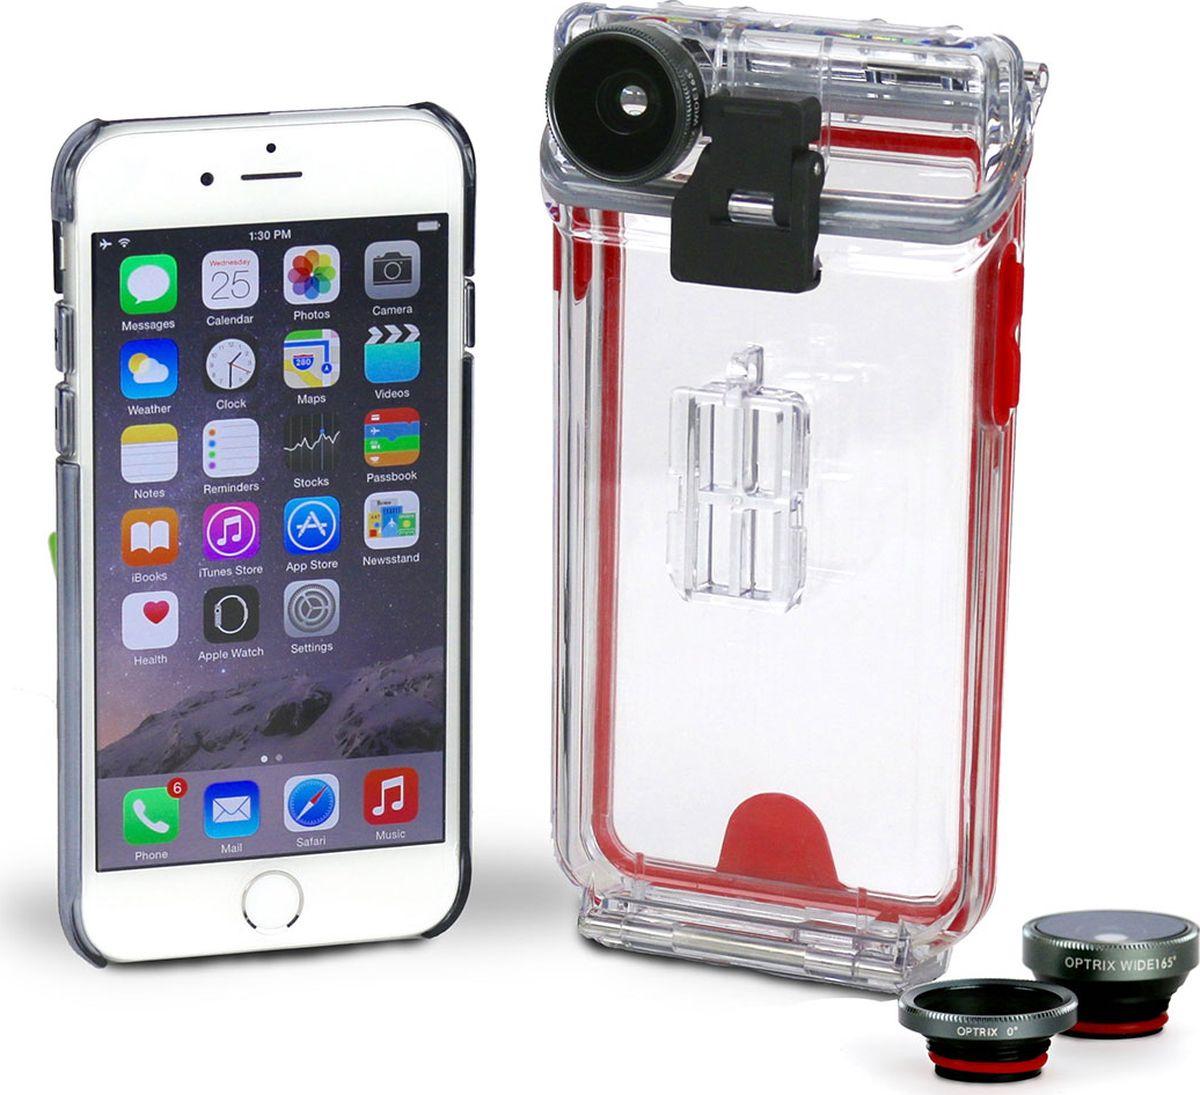 Optrix Photo, Clear Red набор для фотосъемки для iPhone 6/6sFS-94767Набор для создания уникальных фотографий и видео при помощи Вашего iPhone®.Ультралегкий защитный корпус обеспечит сохранность устройства в любых экстремальных условиях, тогда как сменные линзы значительно расширят возможности его камеры. Чехол Optrix для iPhone отличается точно сконструированной и надежной конструкцией, превращающей ваш iPhone в полноценную экшн-камеру: съемка во время сплава по реке, велопрогулки, катания на лыжах, пляжного отдыха - все это возможно теперь при помощи Вашего iPhone! 100% водонепроницаемость при погружении на глубину до 10 м (соответствует стандарту IP68)• Ударопрочность: выдерживает падение с высоты до 6,1 м (соответствует стандарту MIL-STD-810G)• Сверхпрочный корпус, сохраняющий весь функционал смартфона• Специальная защитная мембрана сохраняет все свойства сенсорного экрана устройства• Подходит к широкому ассортименту креплений• 2 сменных объектива (алюминий/стекло)